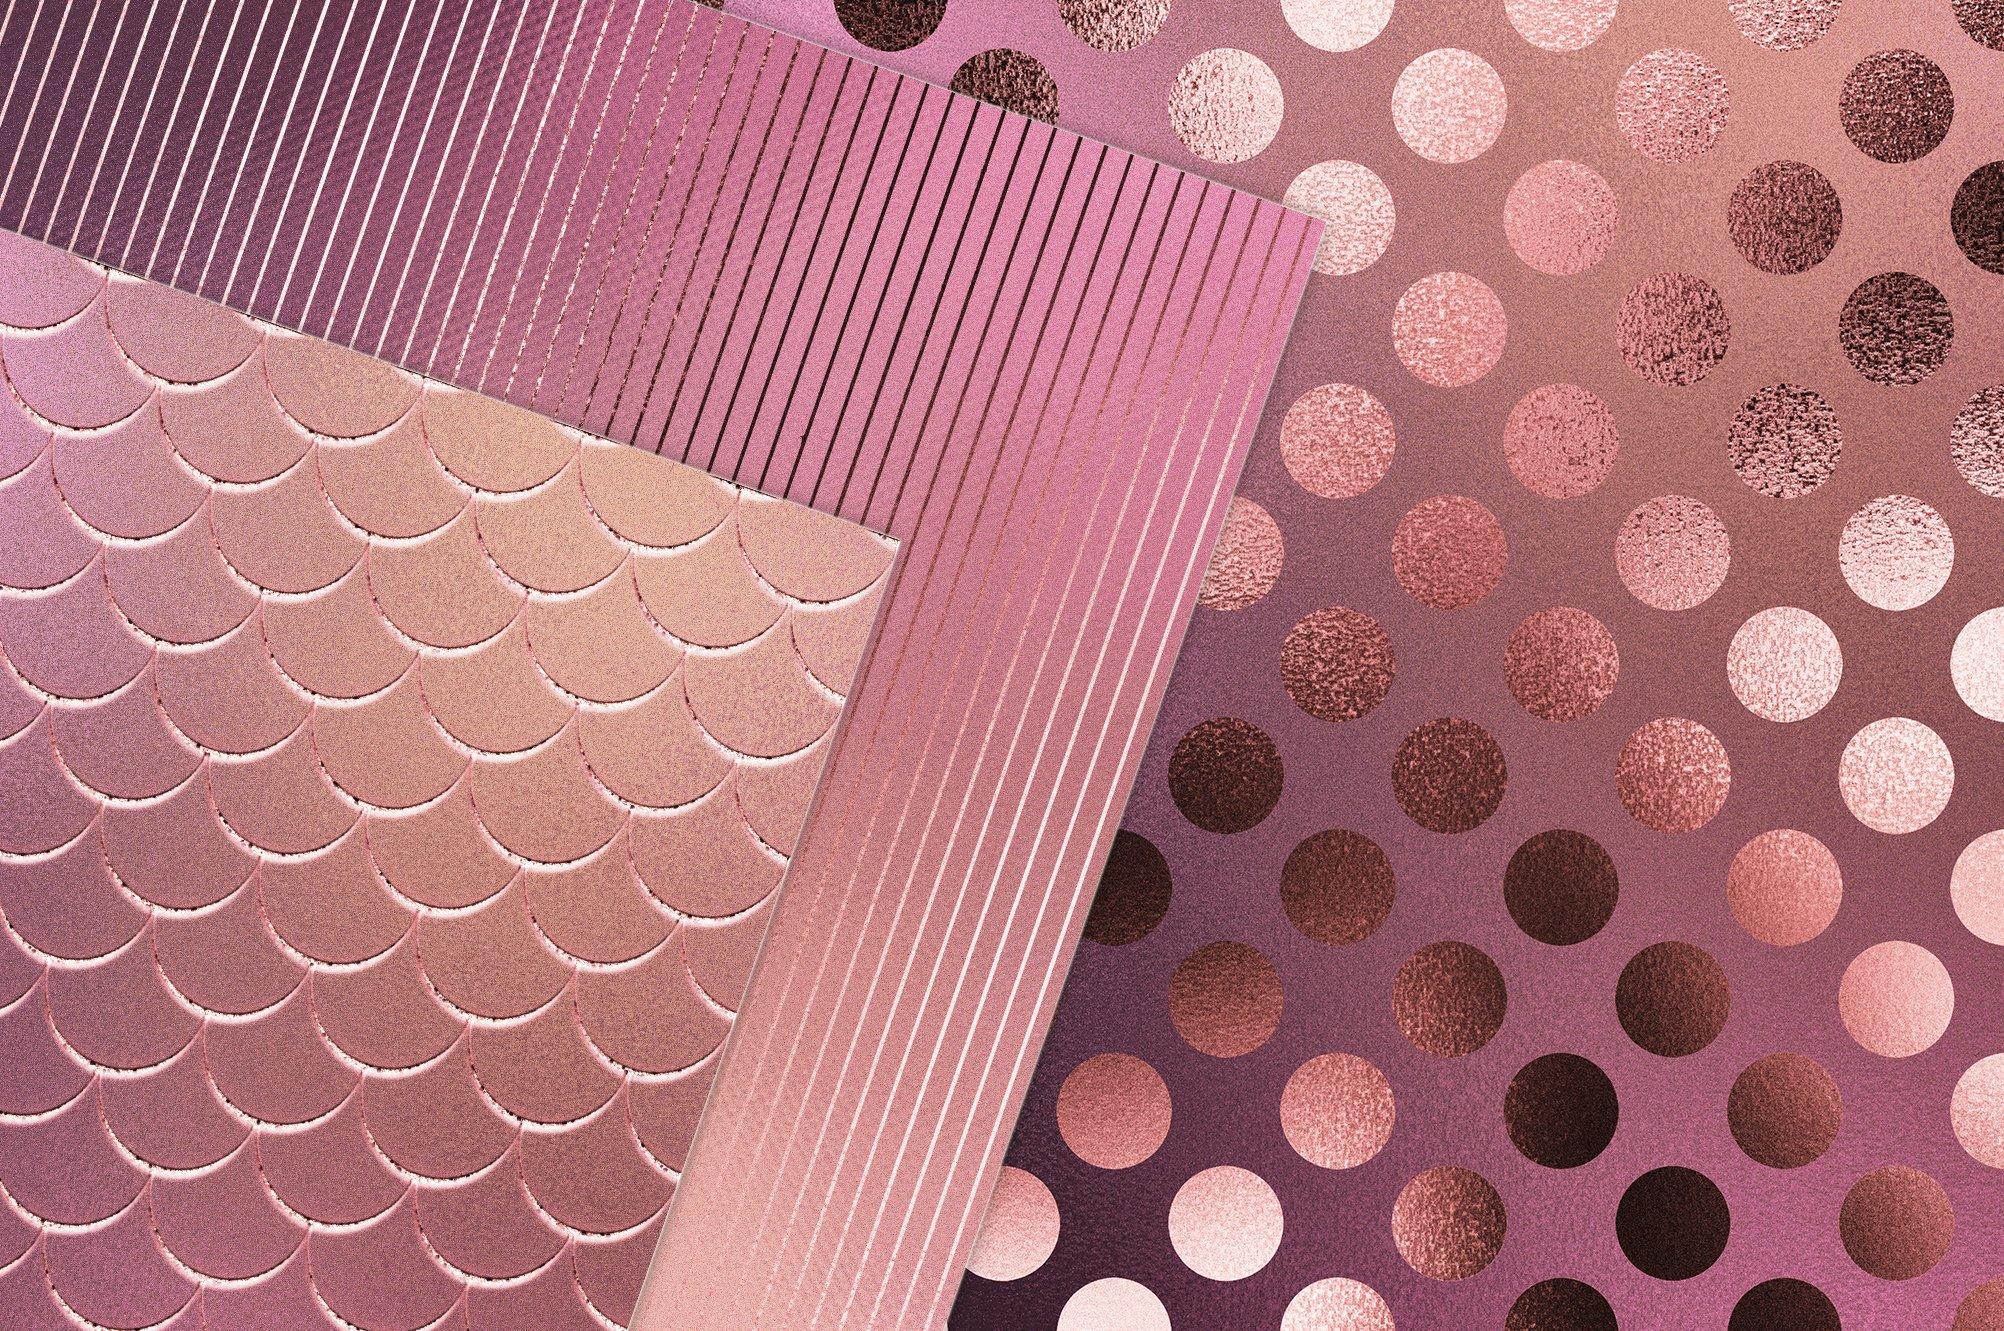 20款高清粉红色箔纸纹理海报设计背景图片素材 Iridescent Gold Pink Textures插图1